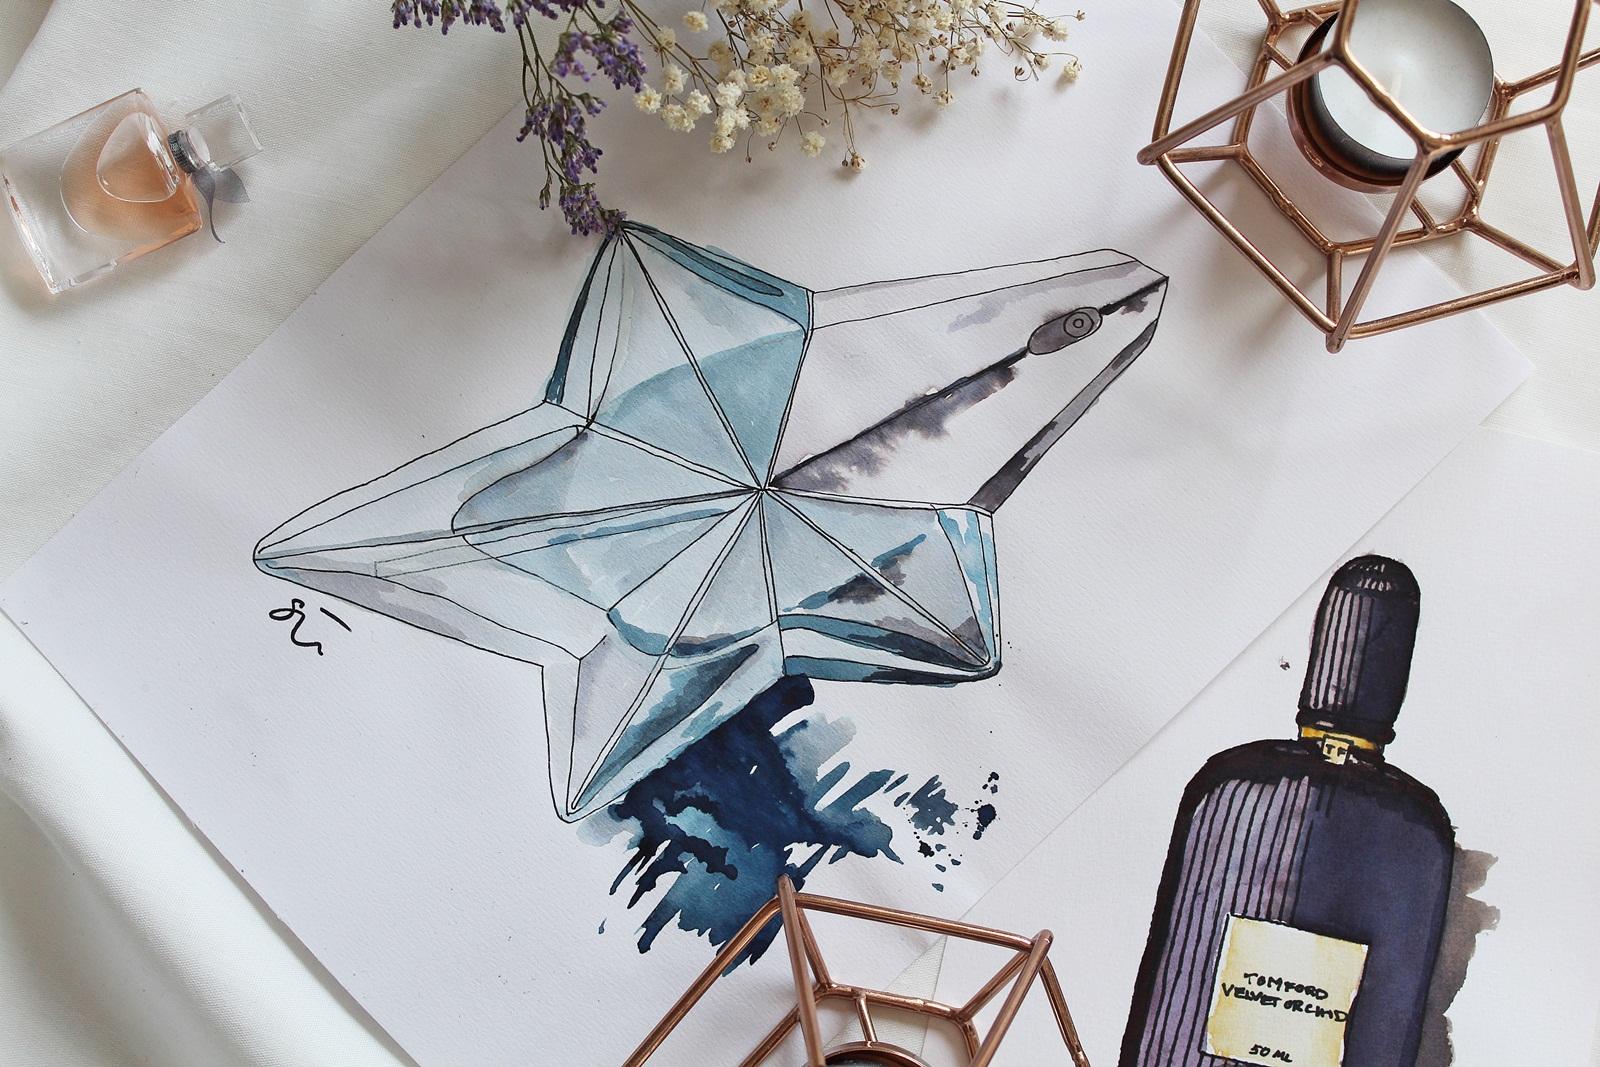 8 perfume giveaway